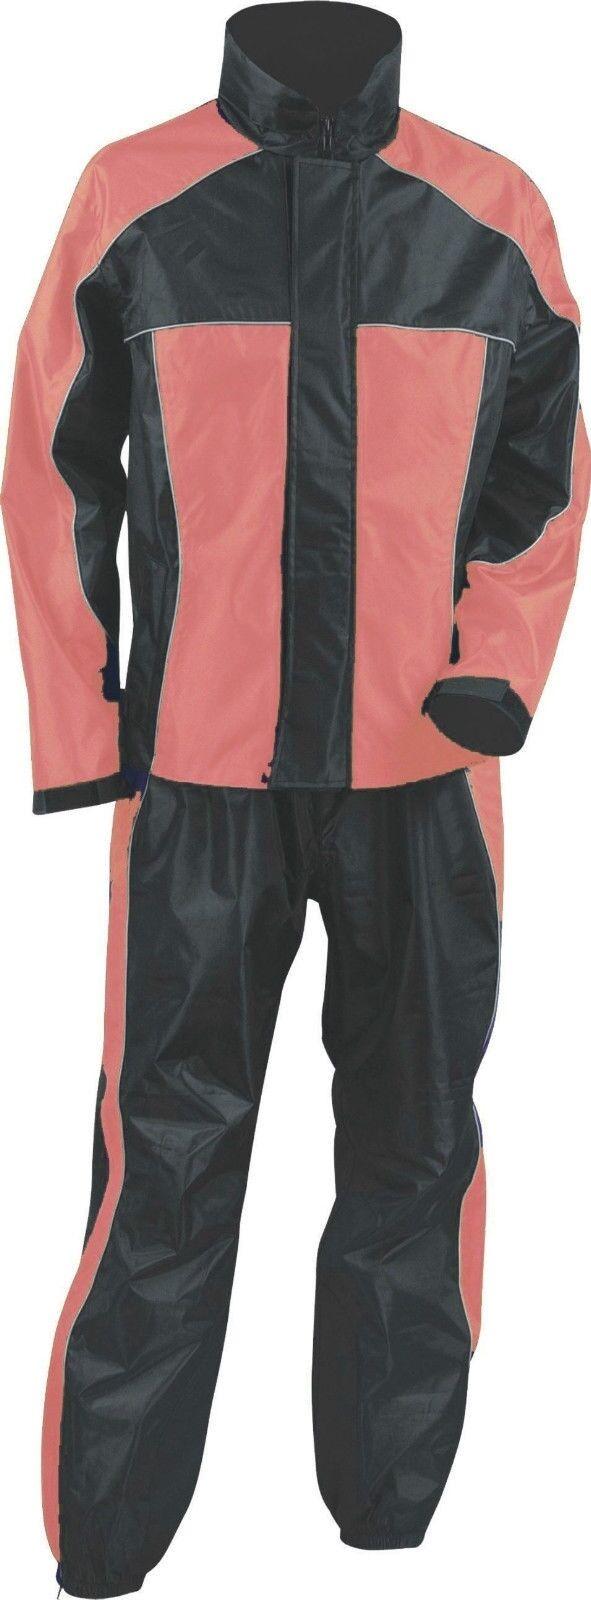 Ladies Women S Motorcycle Rain Suit Rain Gear Pink Black